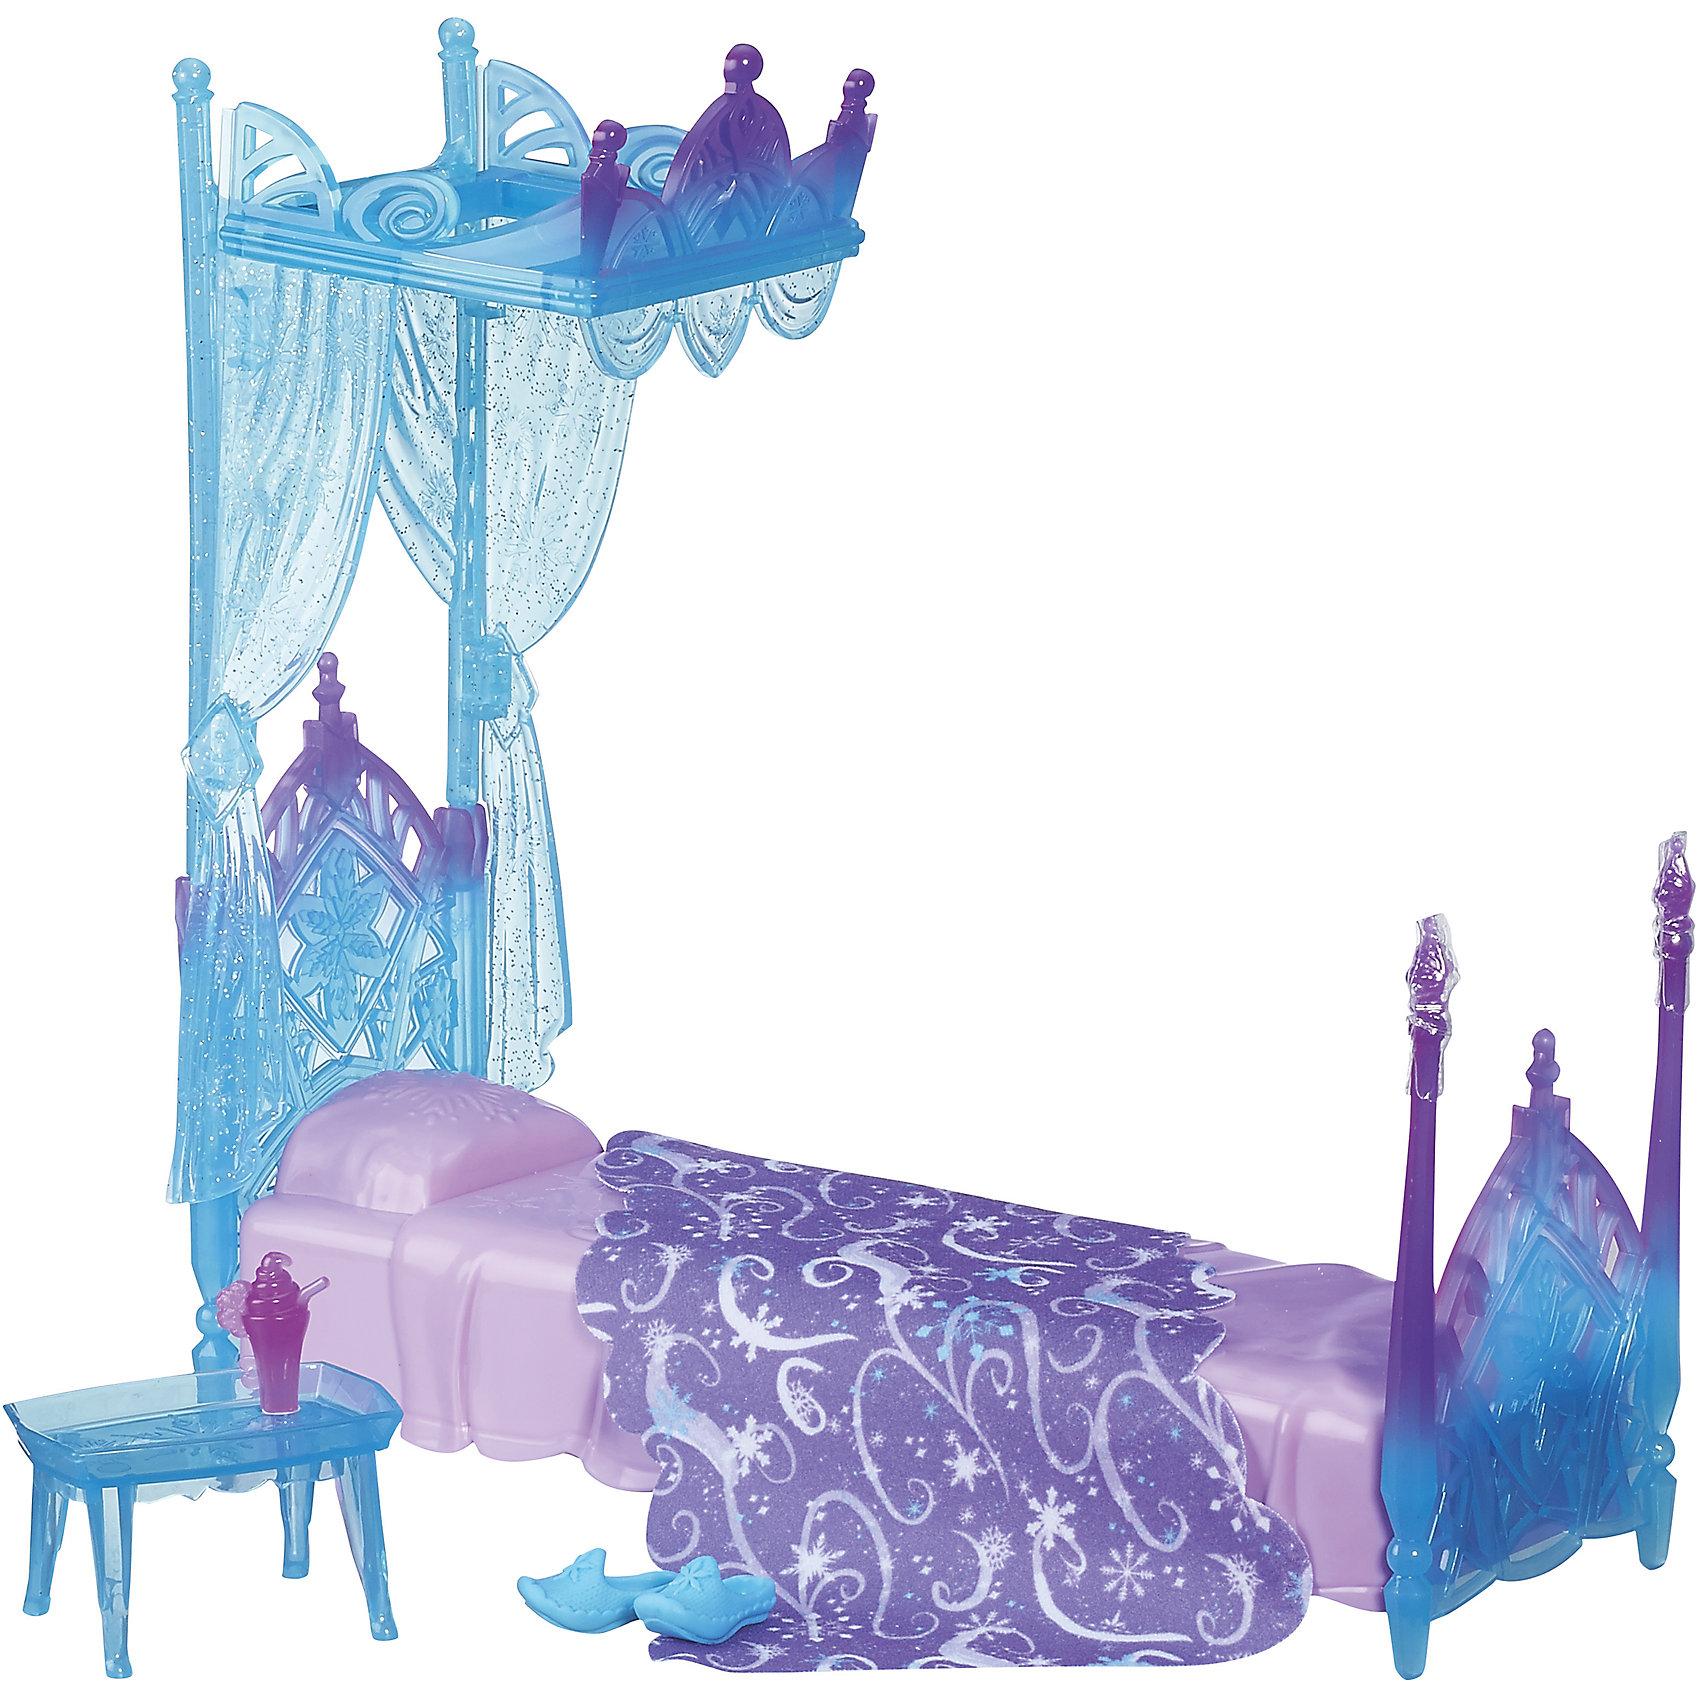 Игровой набор Кровать Эльзы, Холодное сердце, B5175/B5177Игровой набор Кровать Эльзы, Холодное сердце, B5175/B5177.<br><br>Характеристики:<br><br>- В наборе: кровать с балдахином, мягкое одеяло, несколько пластиковых аксессуаров, включая поднос, тарелку с печеньем, чашку какао и тапочки<br>- Кукла в набор не входит<br>- Материал: высококачественная пластмасса, текстиль<br>- Размер упаковки: 10,2х30,5х25,4 см.<br>- Вес: 721 гр.<br><br>Набор Кровать Эльзы от торговой марки Hasbro (Хасбро) станет отличным подарком для вашей девочки. Комплект состоит из большой односпальной кровати, мягкого пледа, маленького столика, тапочек и закусок. Все элементы набора оформлены в стиле диснеевского мультфильма Холодное сердце. Ледяная кровать дополнена высоким балдахином с полупрозрачными шторками. Мягкий плед украшен снежными узорами. Все элементы выполнены из качественных нетоксичных материалов.<br><br>Игровой набор Кровать Эльзы, Холодное сердце, B5175/B5177 можно купить в нашем интернет-магазине.<br><br>Ширина мм: 95<br>Глубина мм: 310<br>Высота мм: 1700<br>Вес г: 740<br>Возраст от месяцев: 36<br>Возраст до месяцев: 72<br>Пол: Женский<br>Возраст: Детский<br>SKU: 5064694